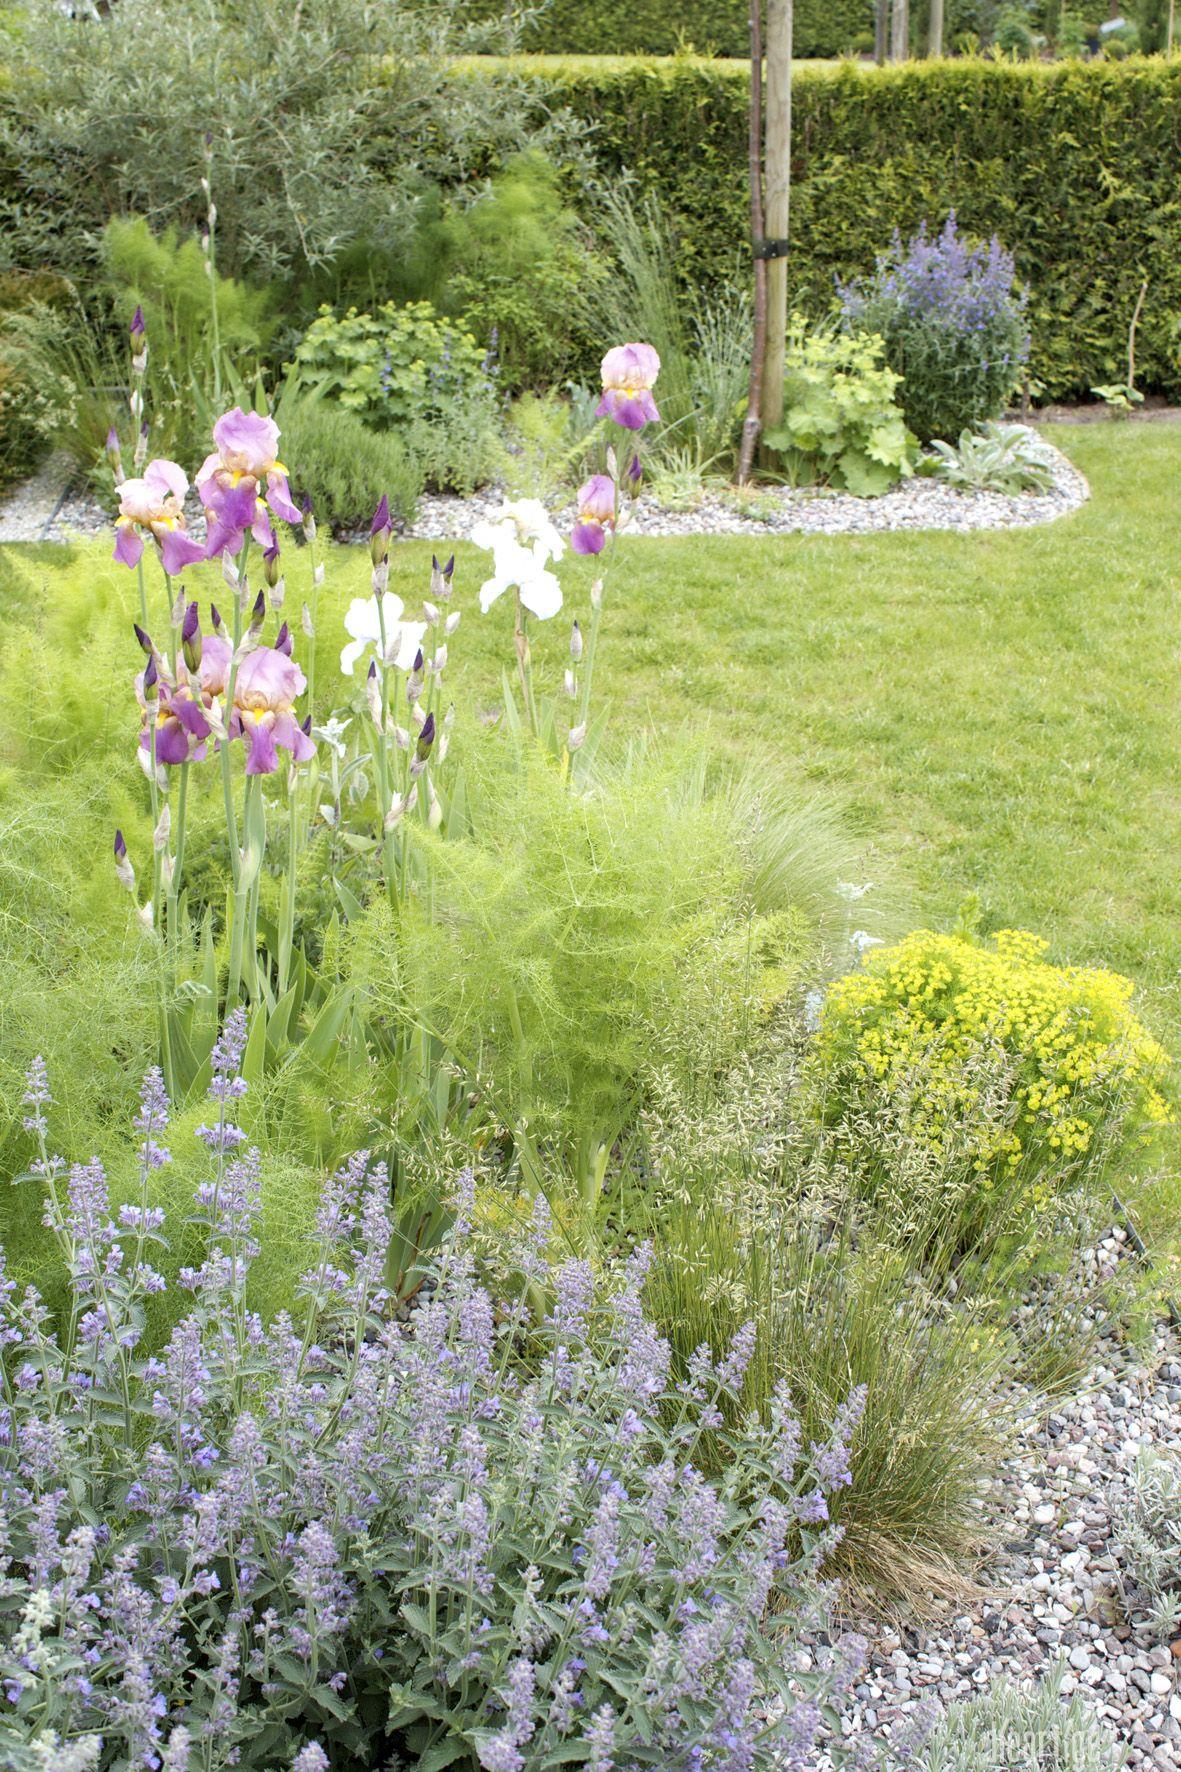 Dieartigeblog Garten Schwertlilien Fenchel Katzenminze Graser Zypressenwolfsmilch Im Hintergrund Frauenmantel Garten Bepflanzung Garten Ideen